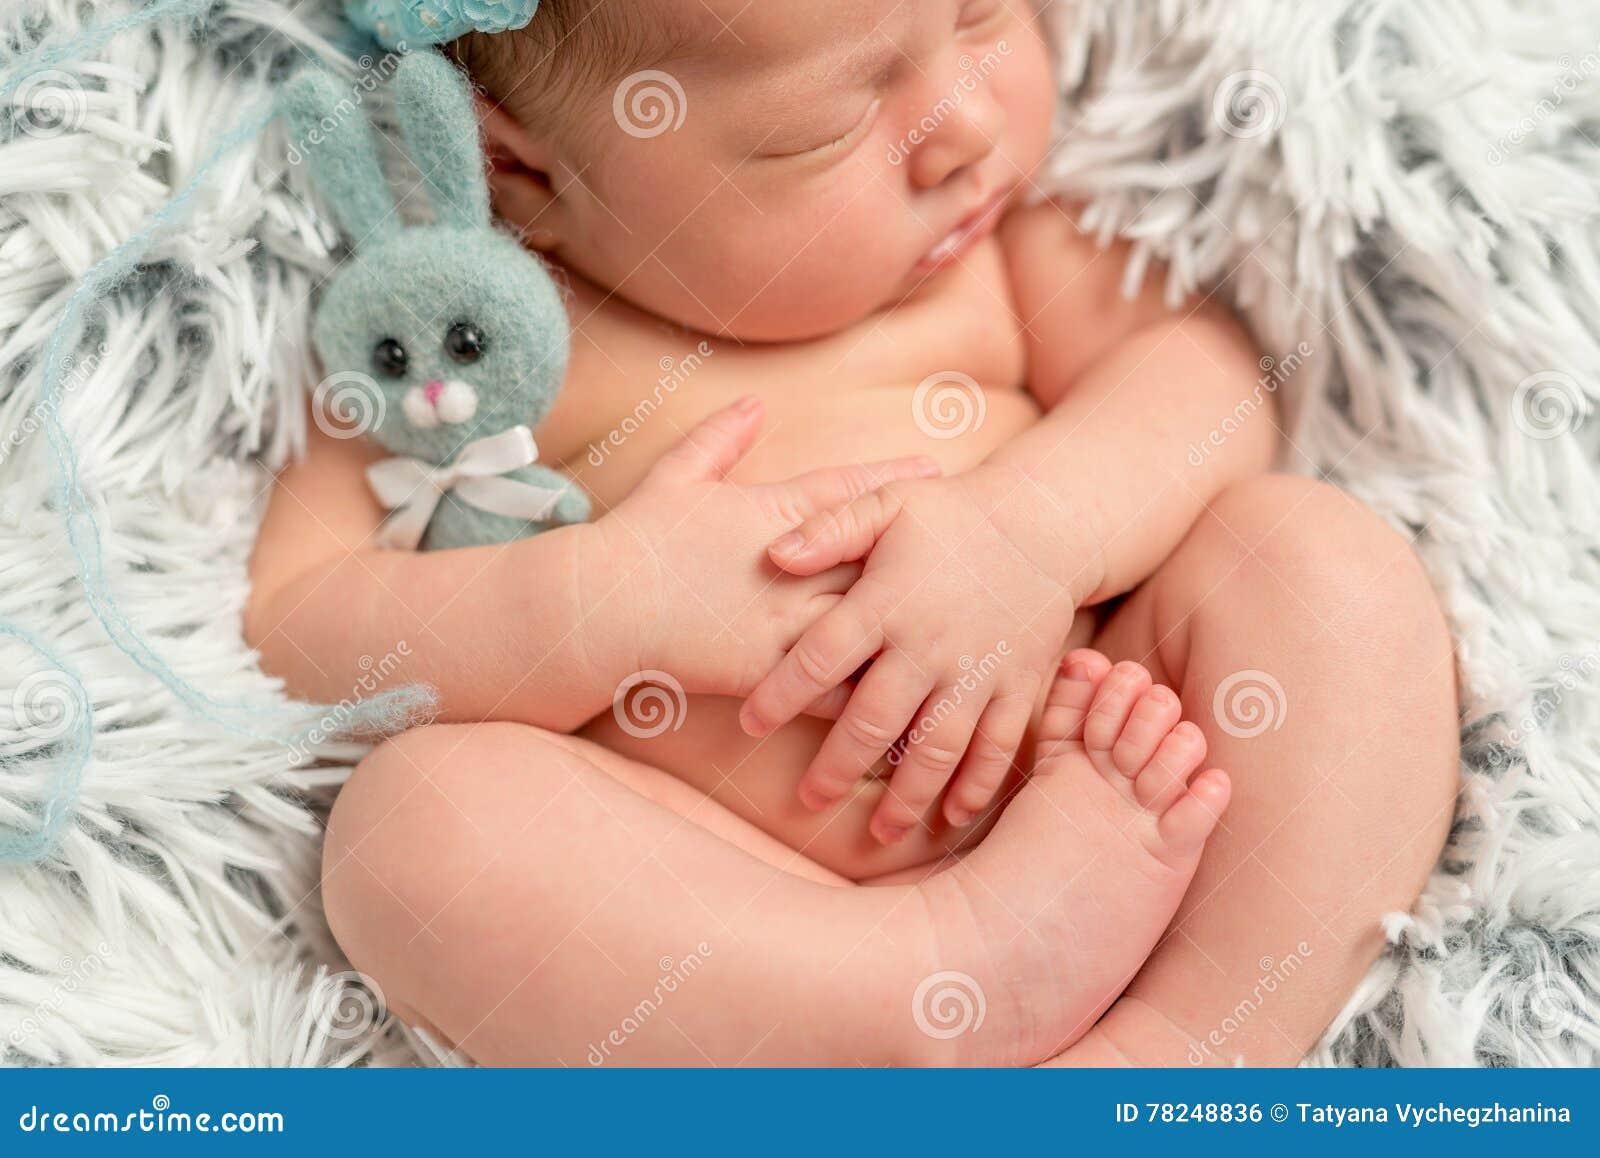 Śmieszna śpiąca nowonarodzona mienie trochę popielata zabawka, zbliżenie